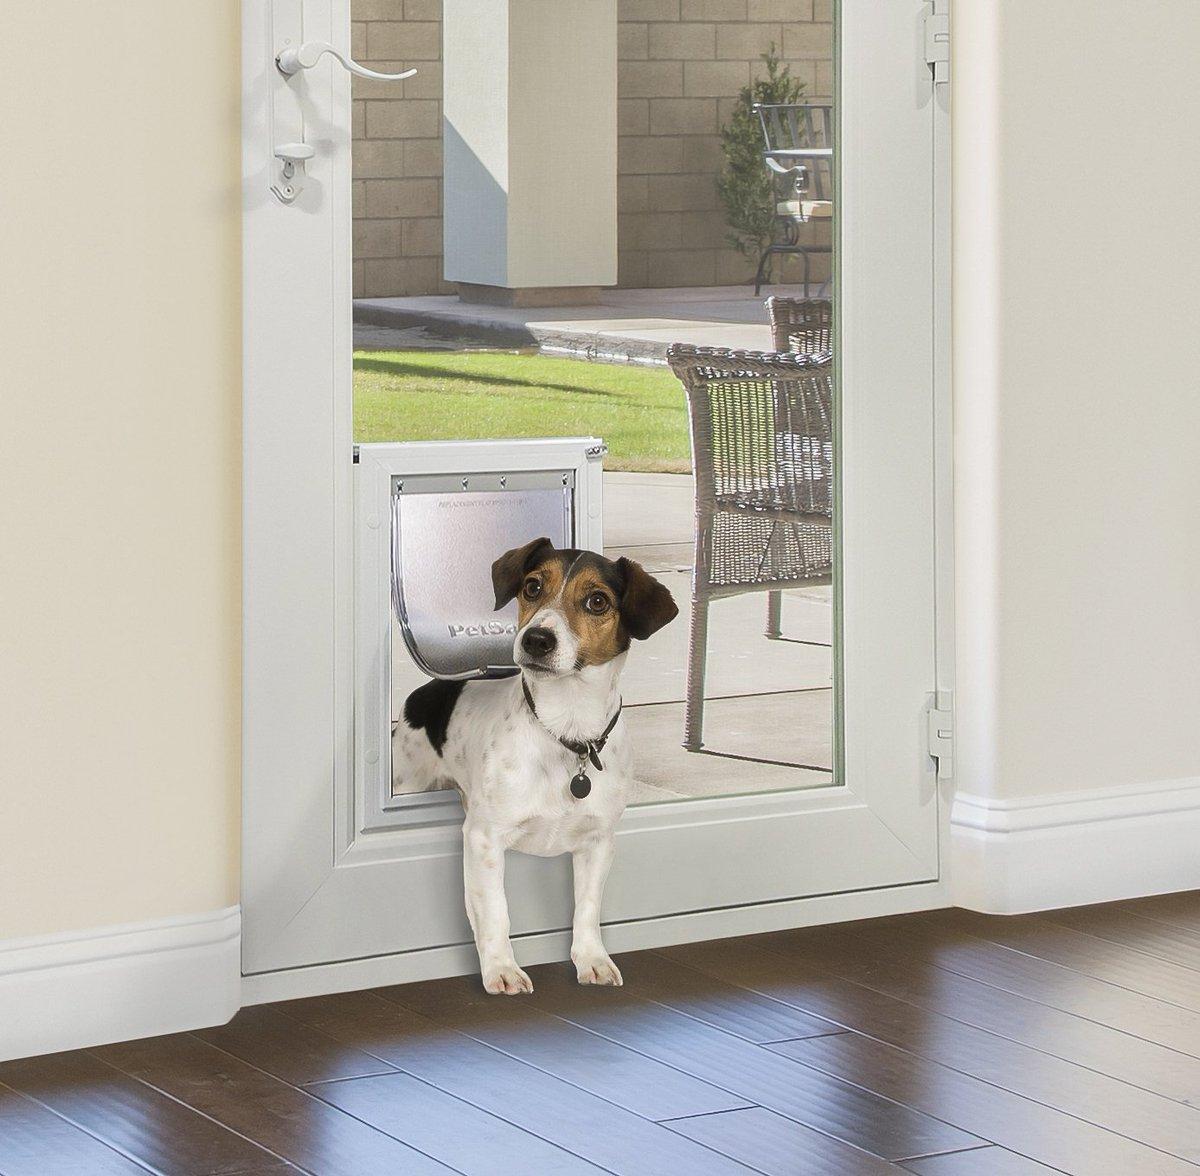 In Glass Pet Doors